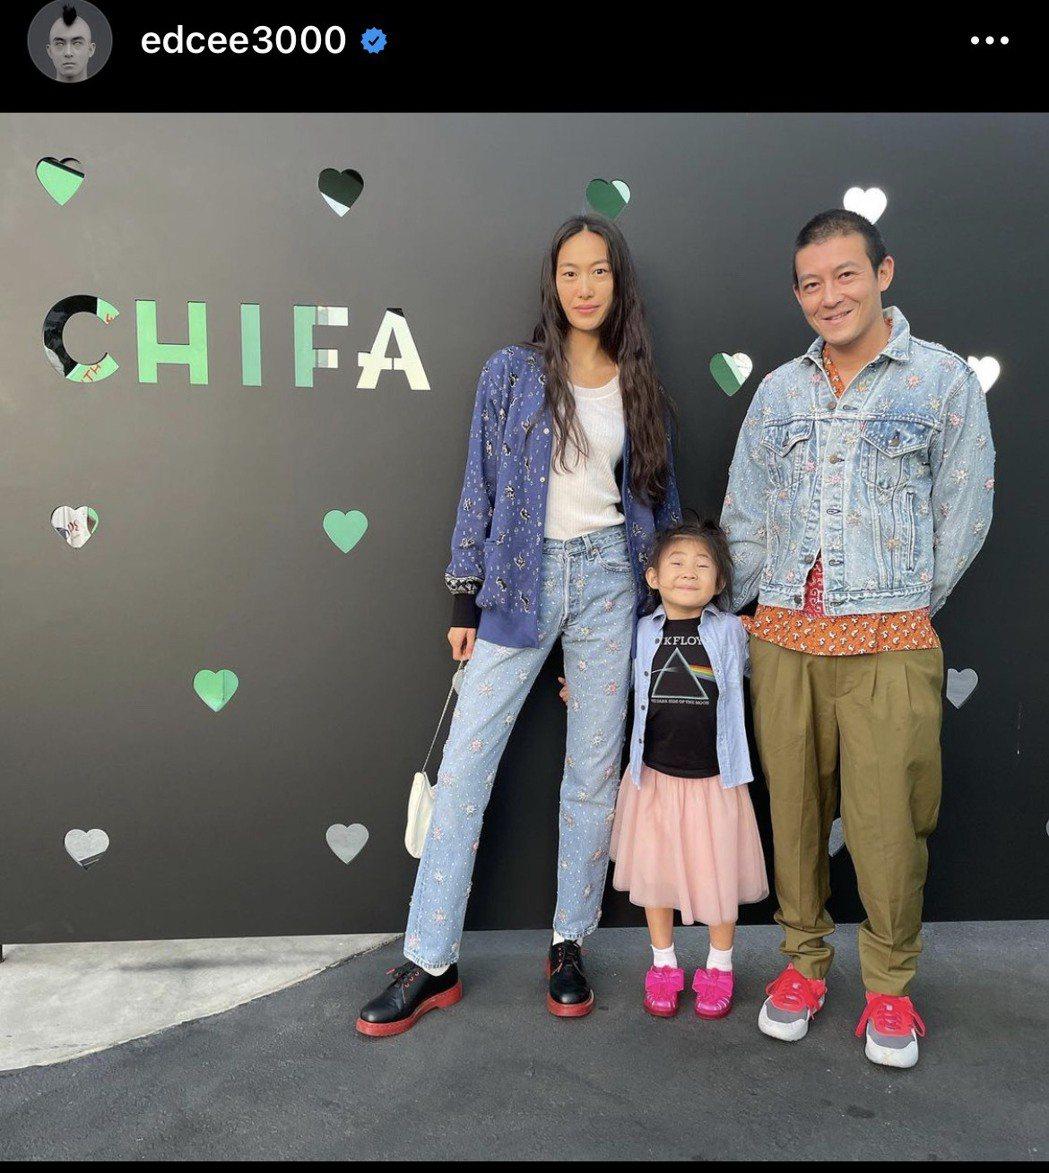 陳冠希(右)和太太(左)孩子一起去朋友餐廳吃飯。圖/摘自IG